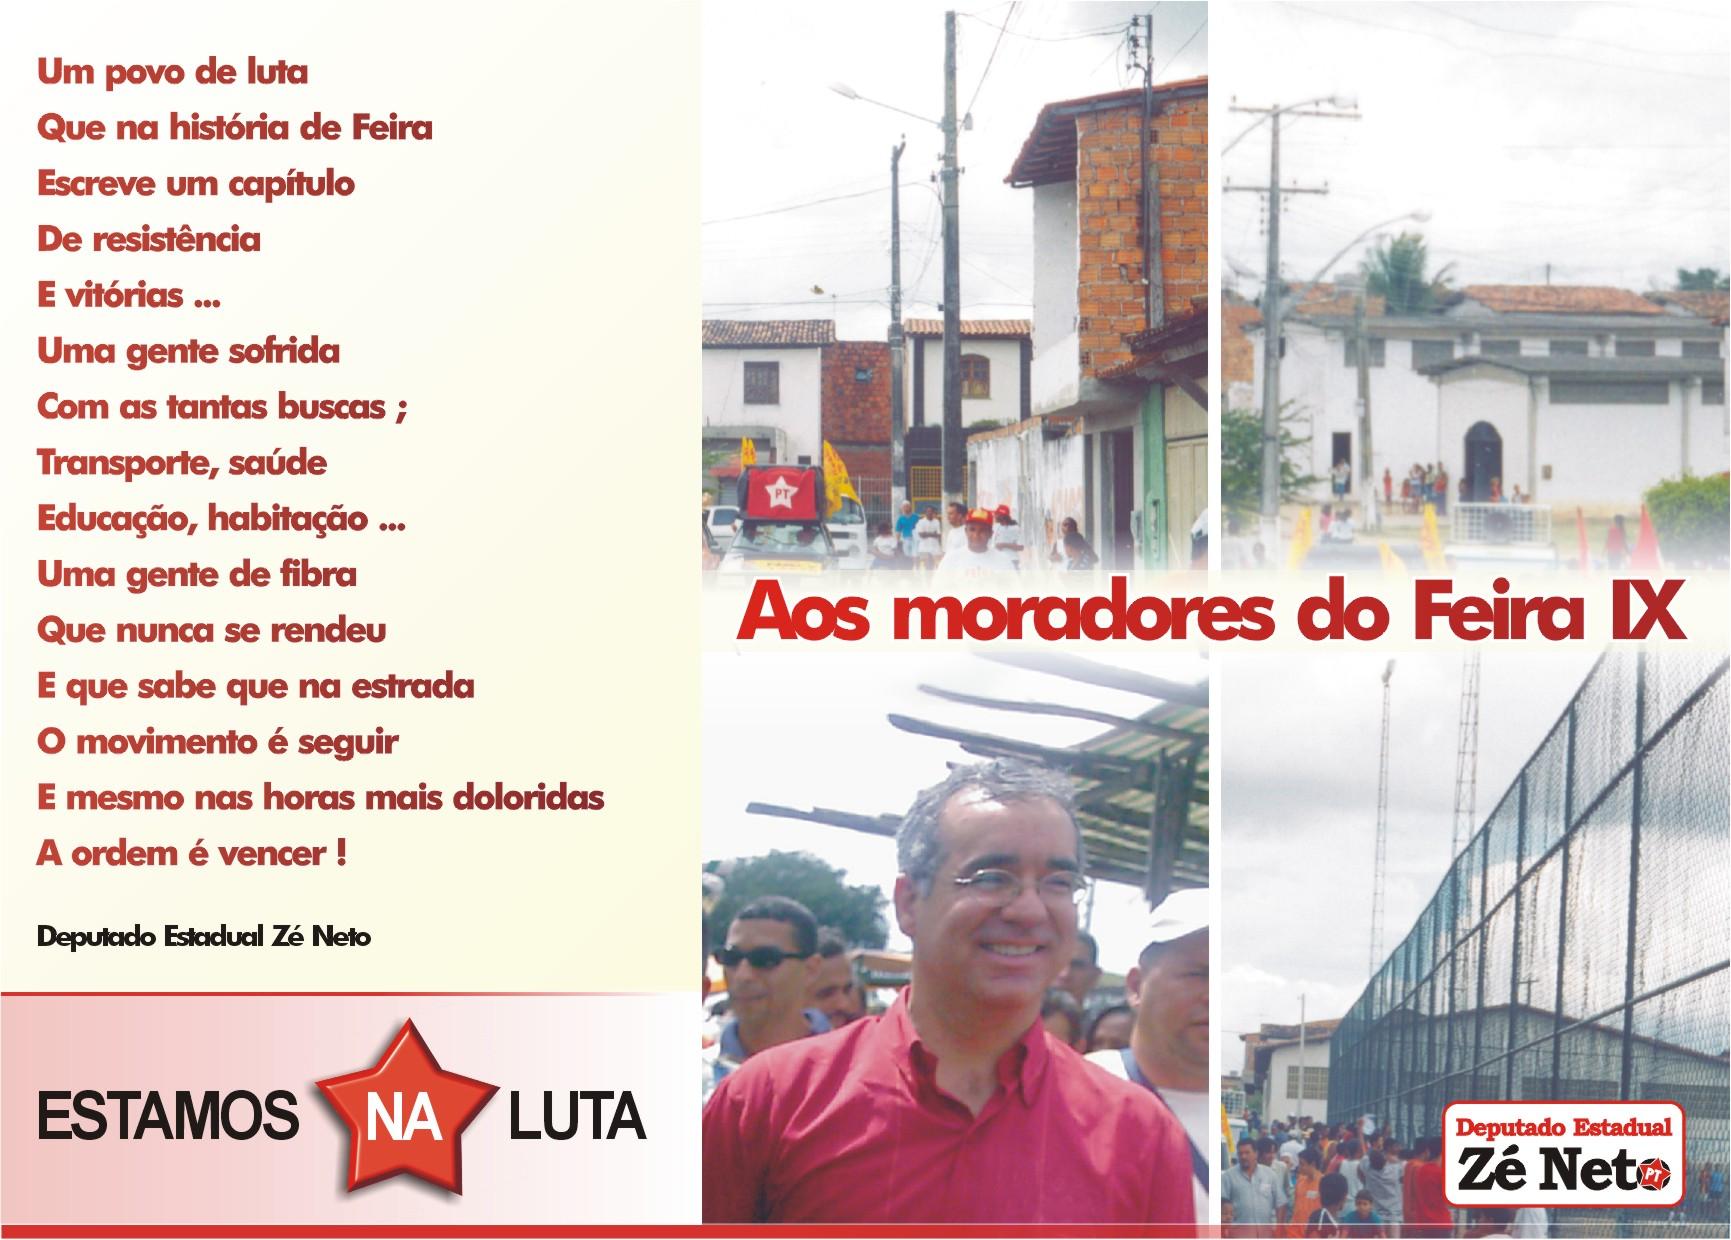 Aos moradores do Bairro Feira IX, em Feira de Santana